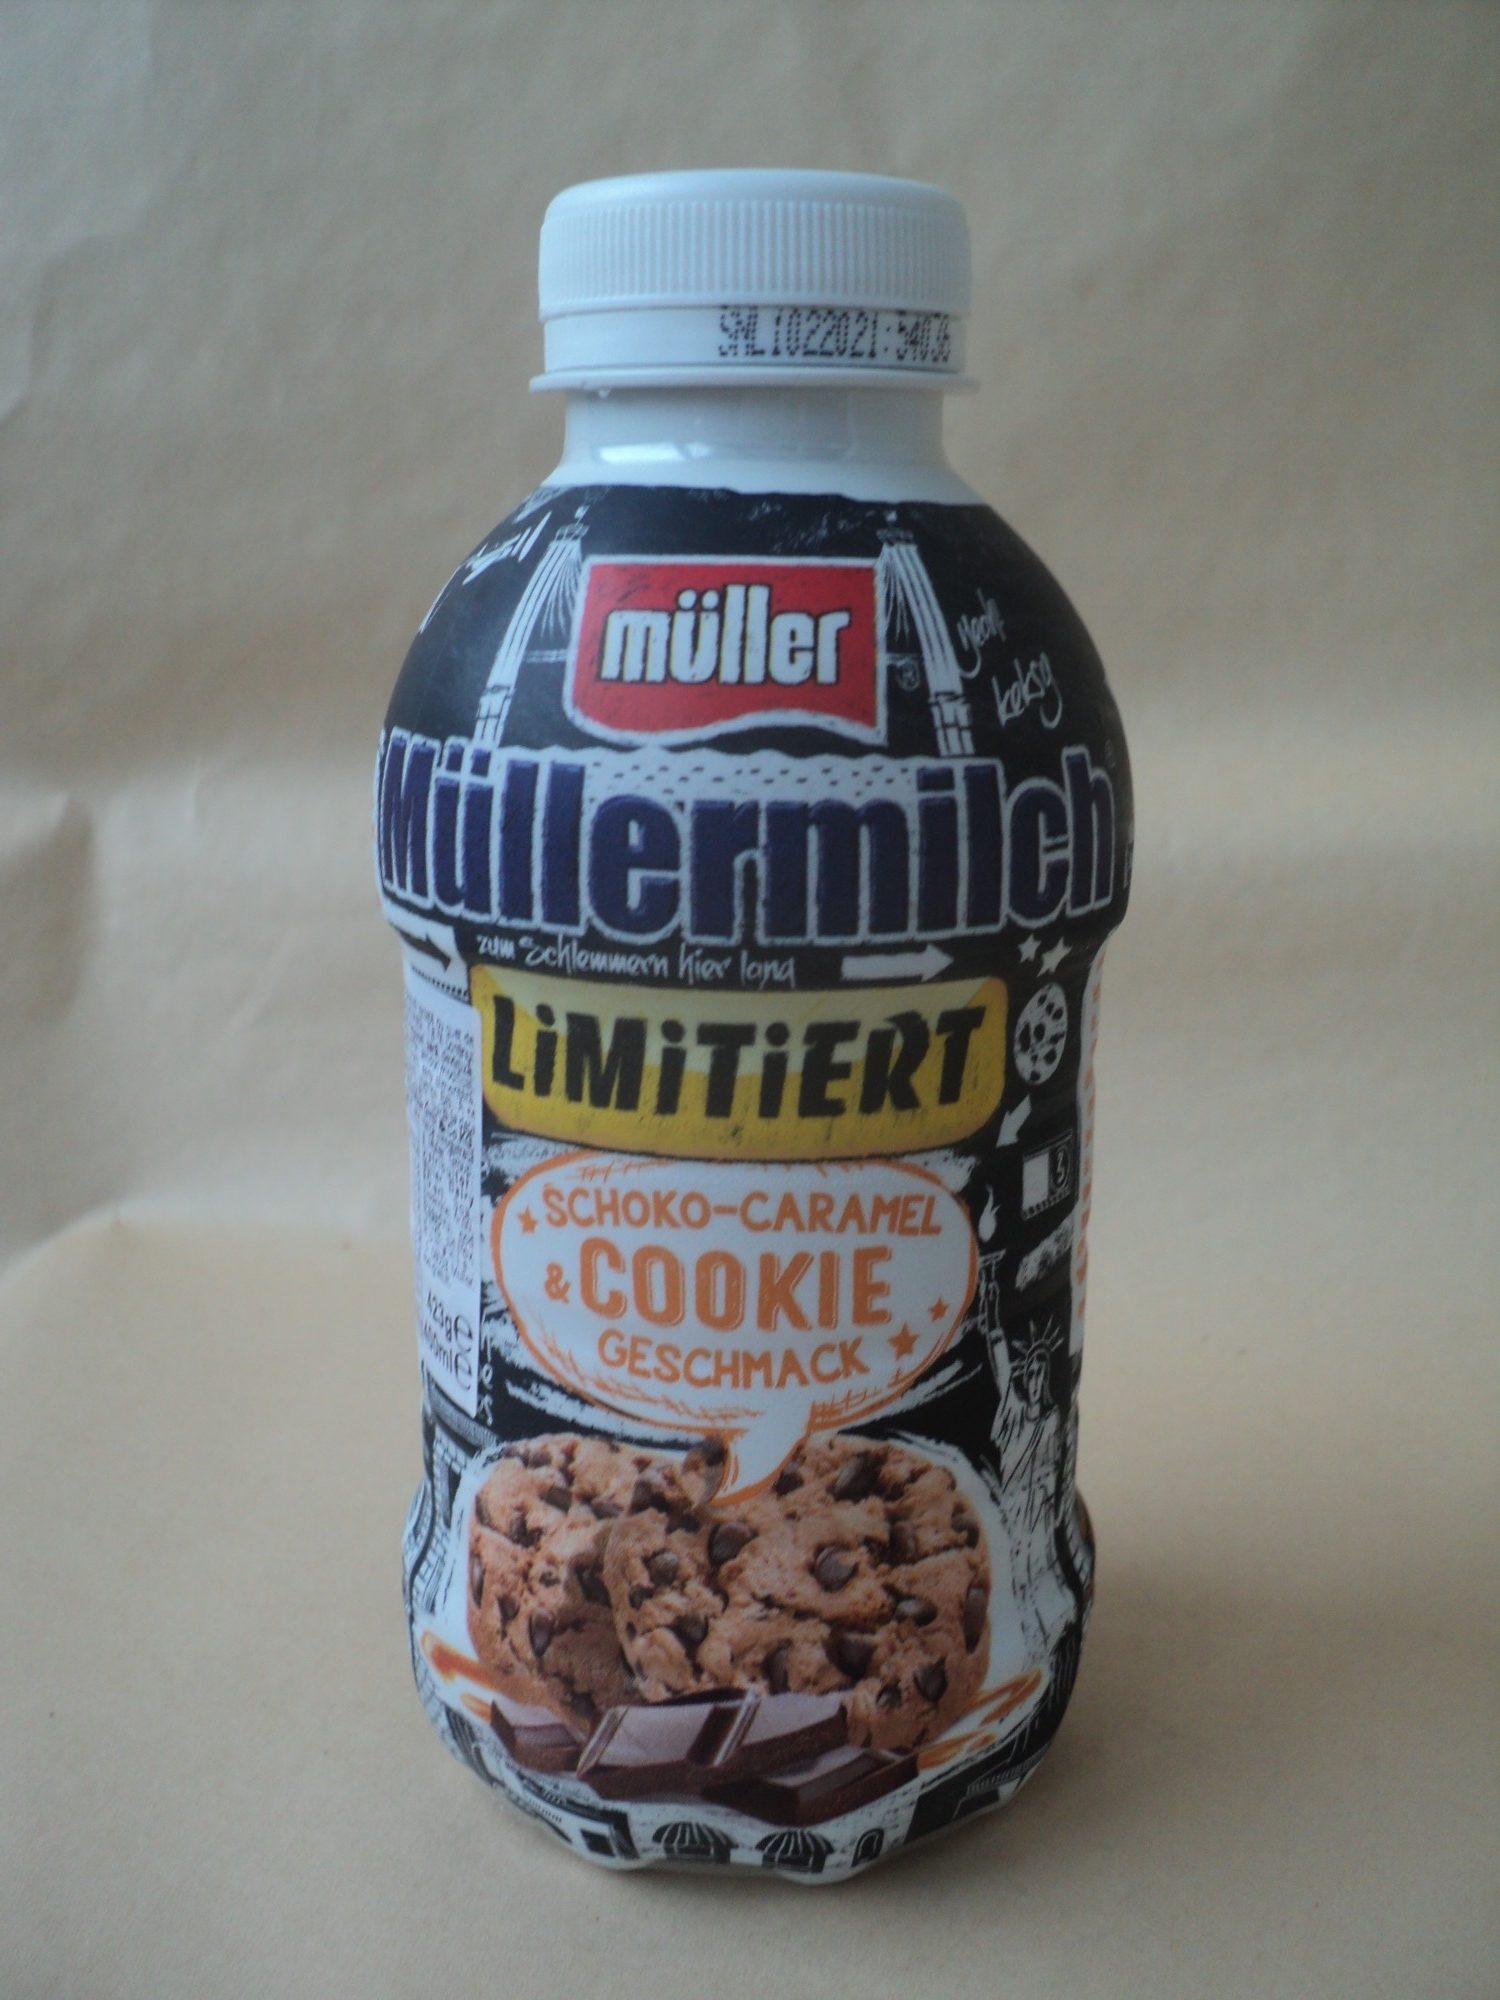 Mullermilch Bautura lactata cu gust de caramel-fursec-ciocolata - Produkt - ro